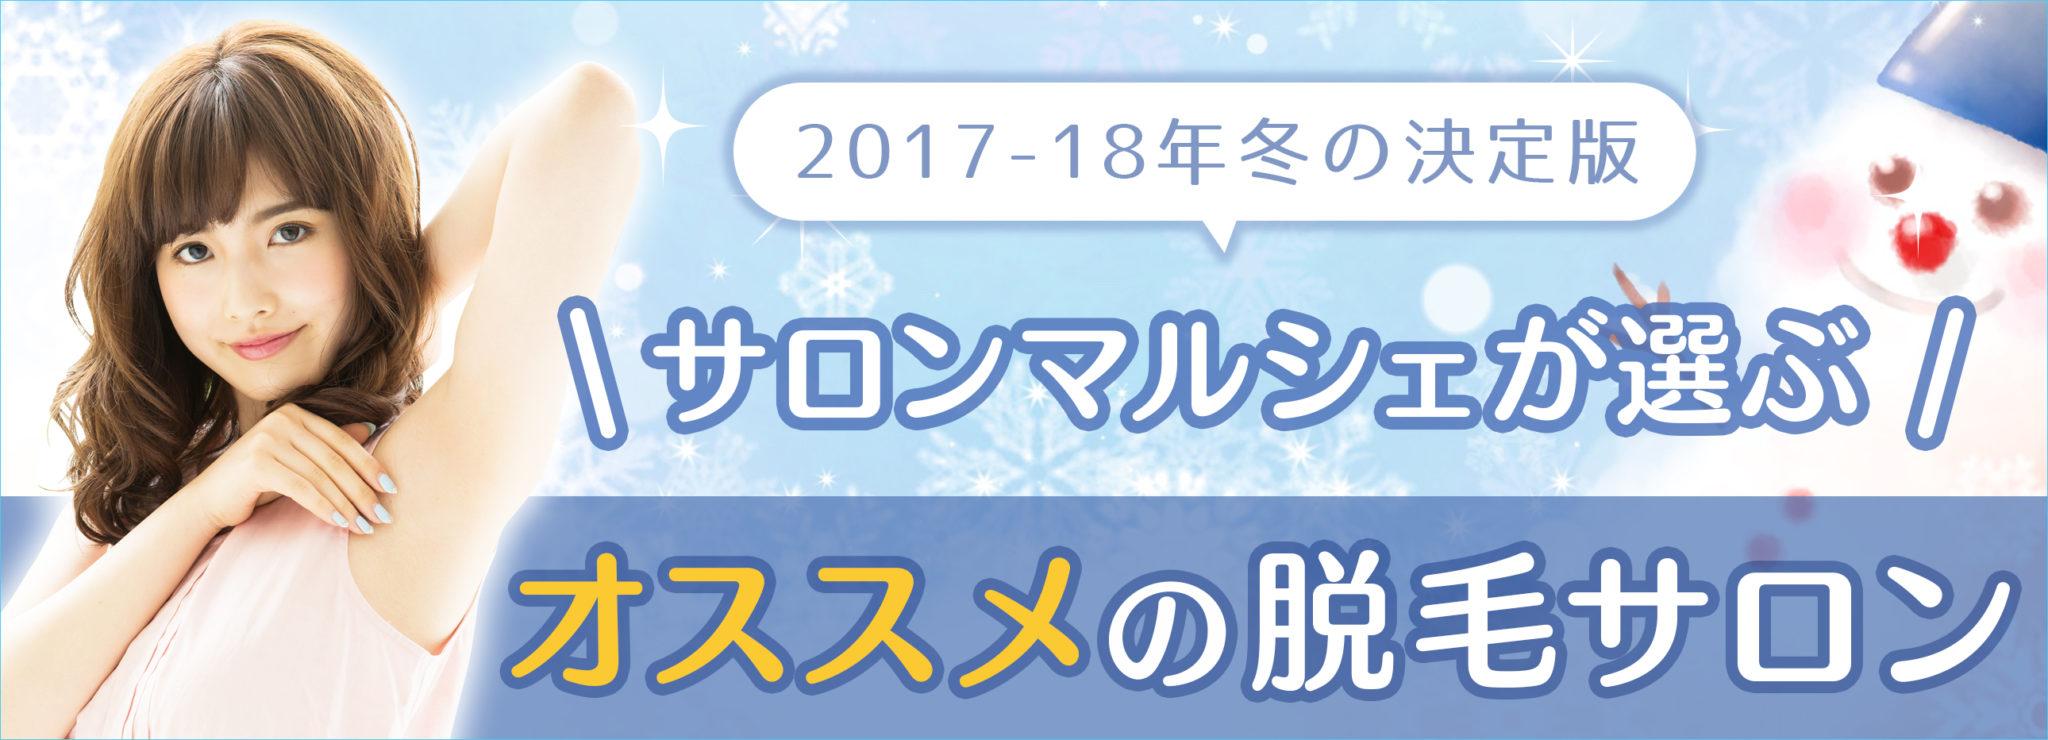 2017年冬サロンマルシェが選ぶオススメの脱毛サロン